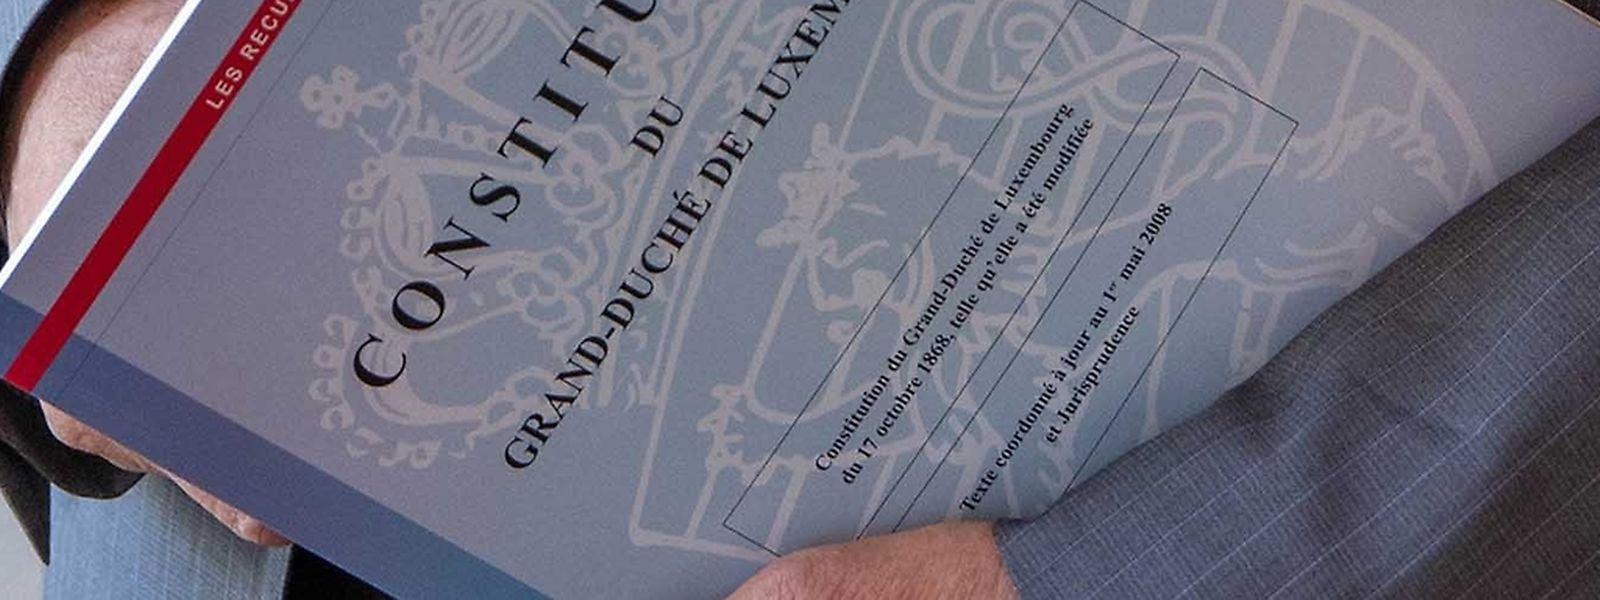 Die Verfassung von 1868 ist nicht mehr zeitgemäß. Eine Reform drängt sich auf.